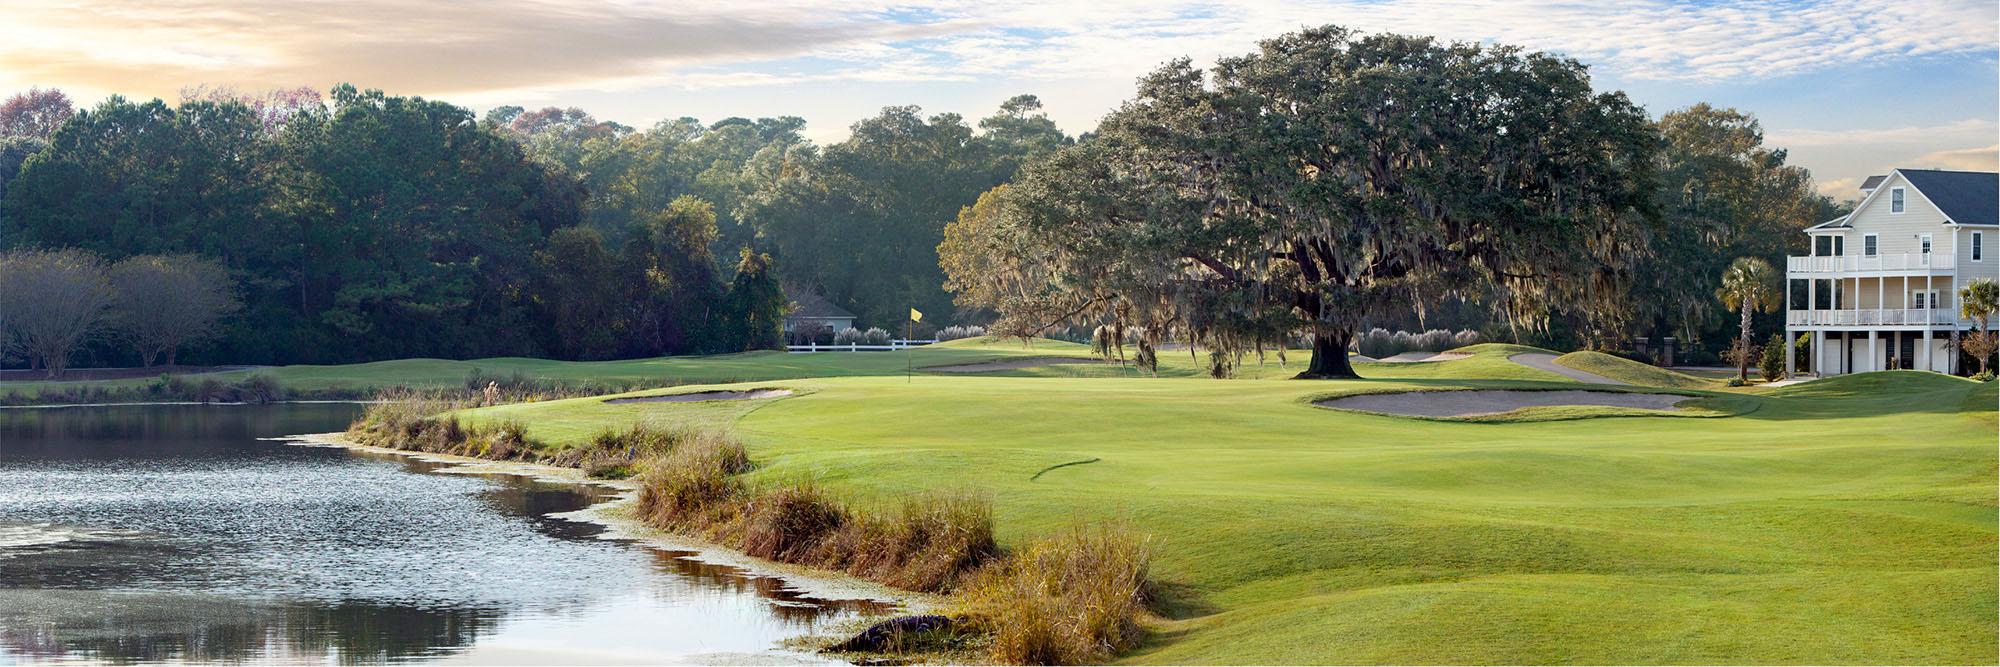 Golf Course Image - Kiawah Island Oak Point No. 2